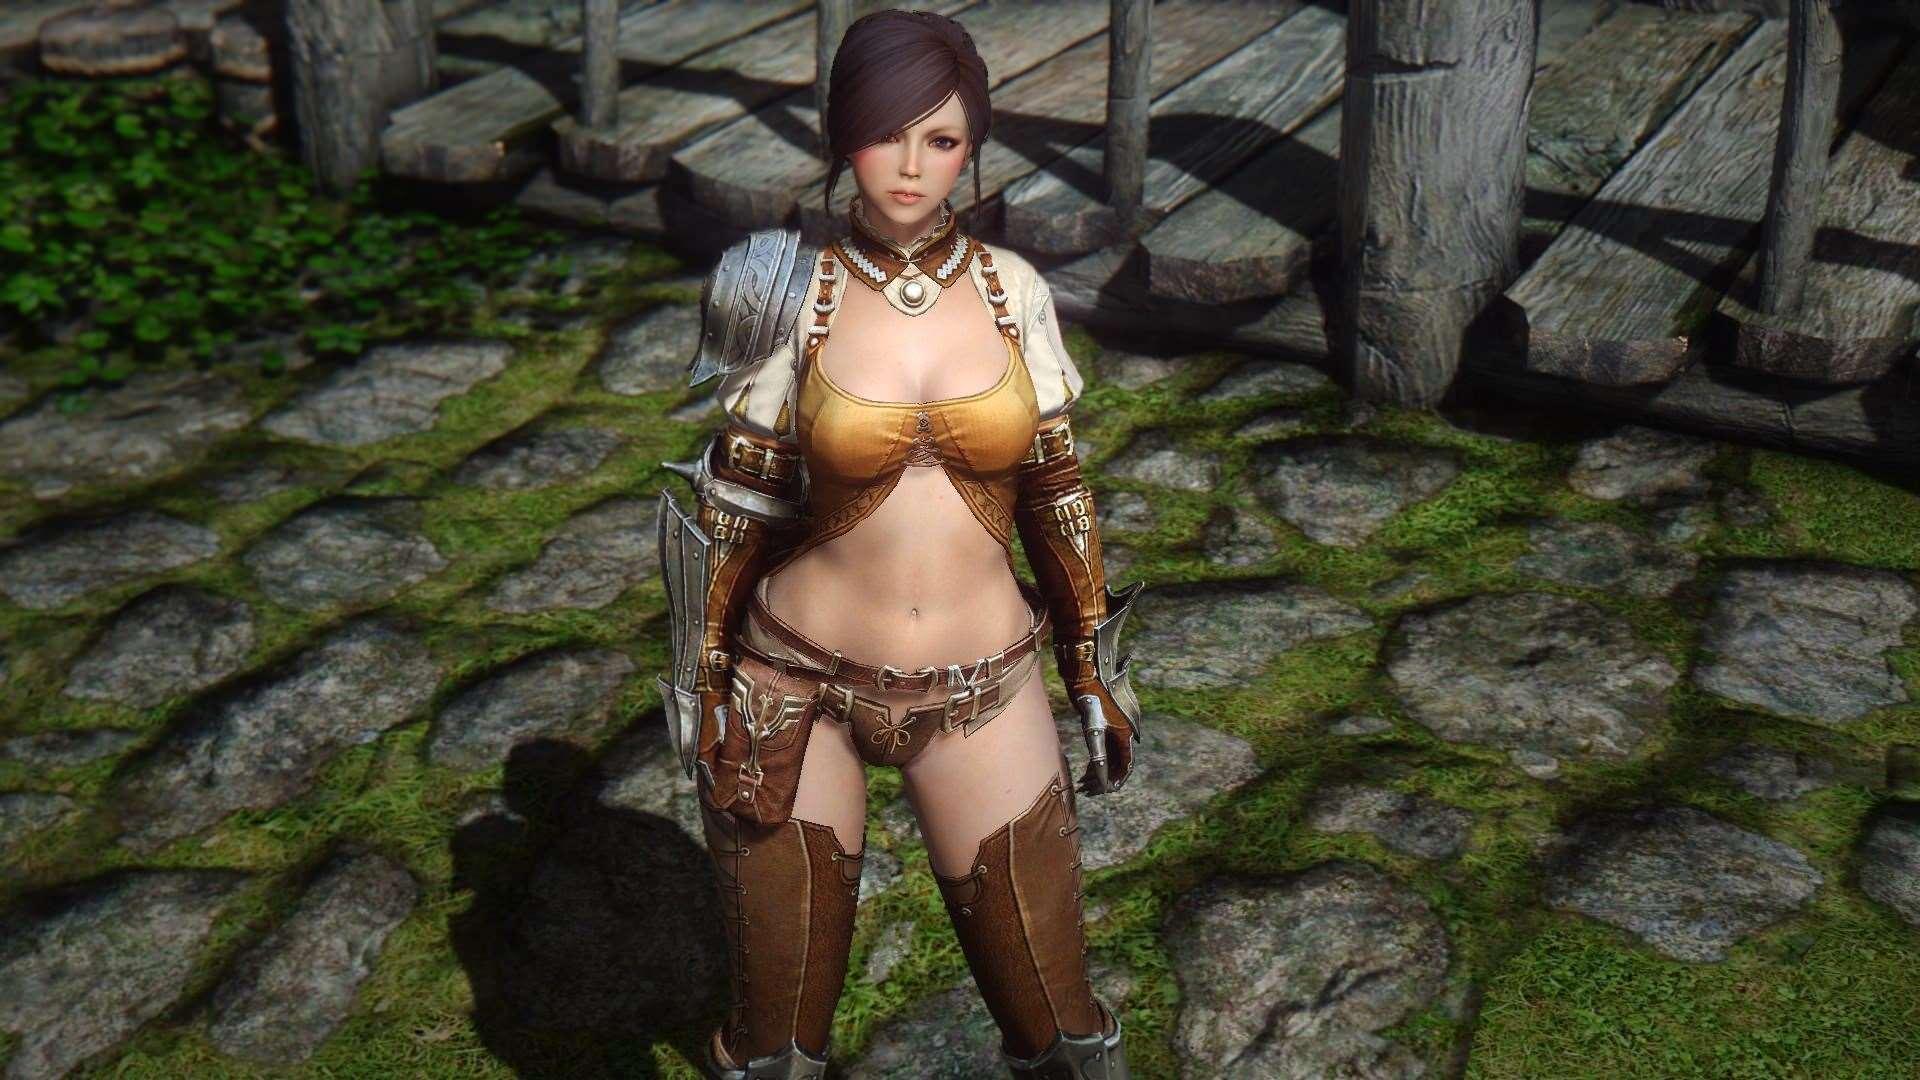 Skyrim - Броня для девушек из MMO Bless - Новая броня и